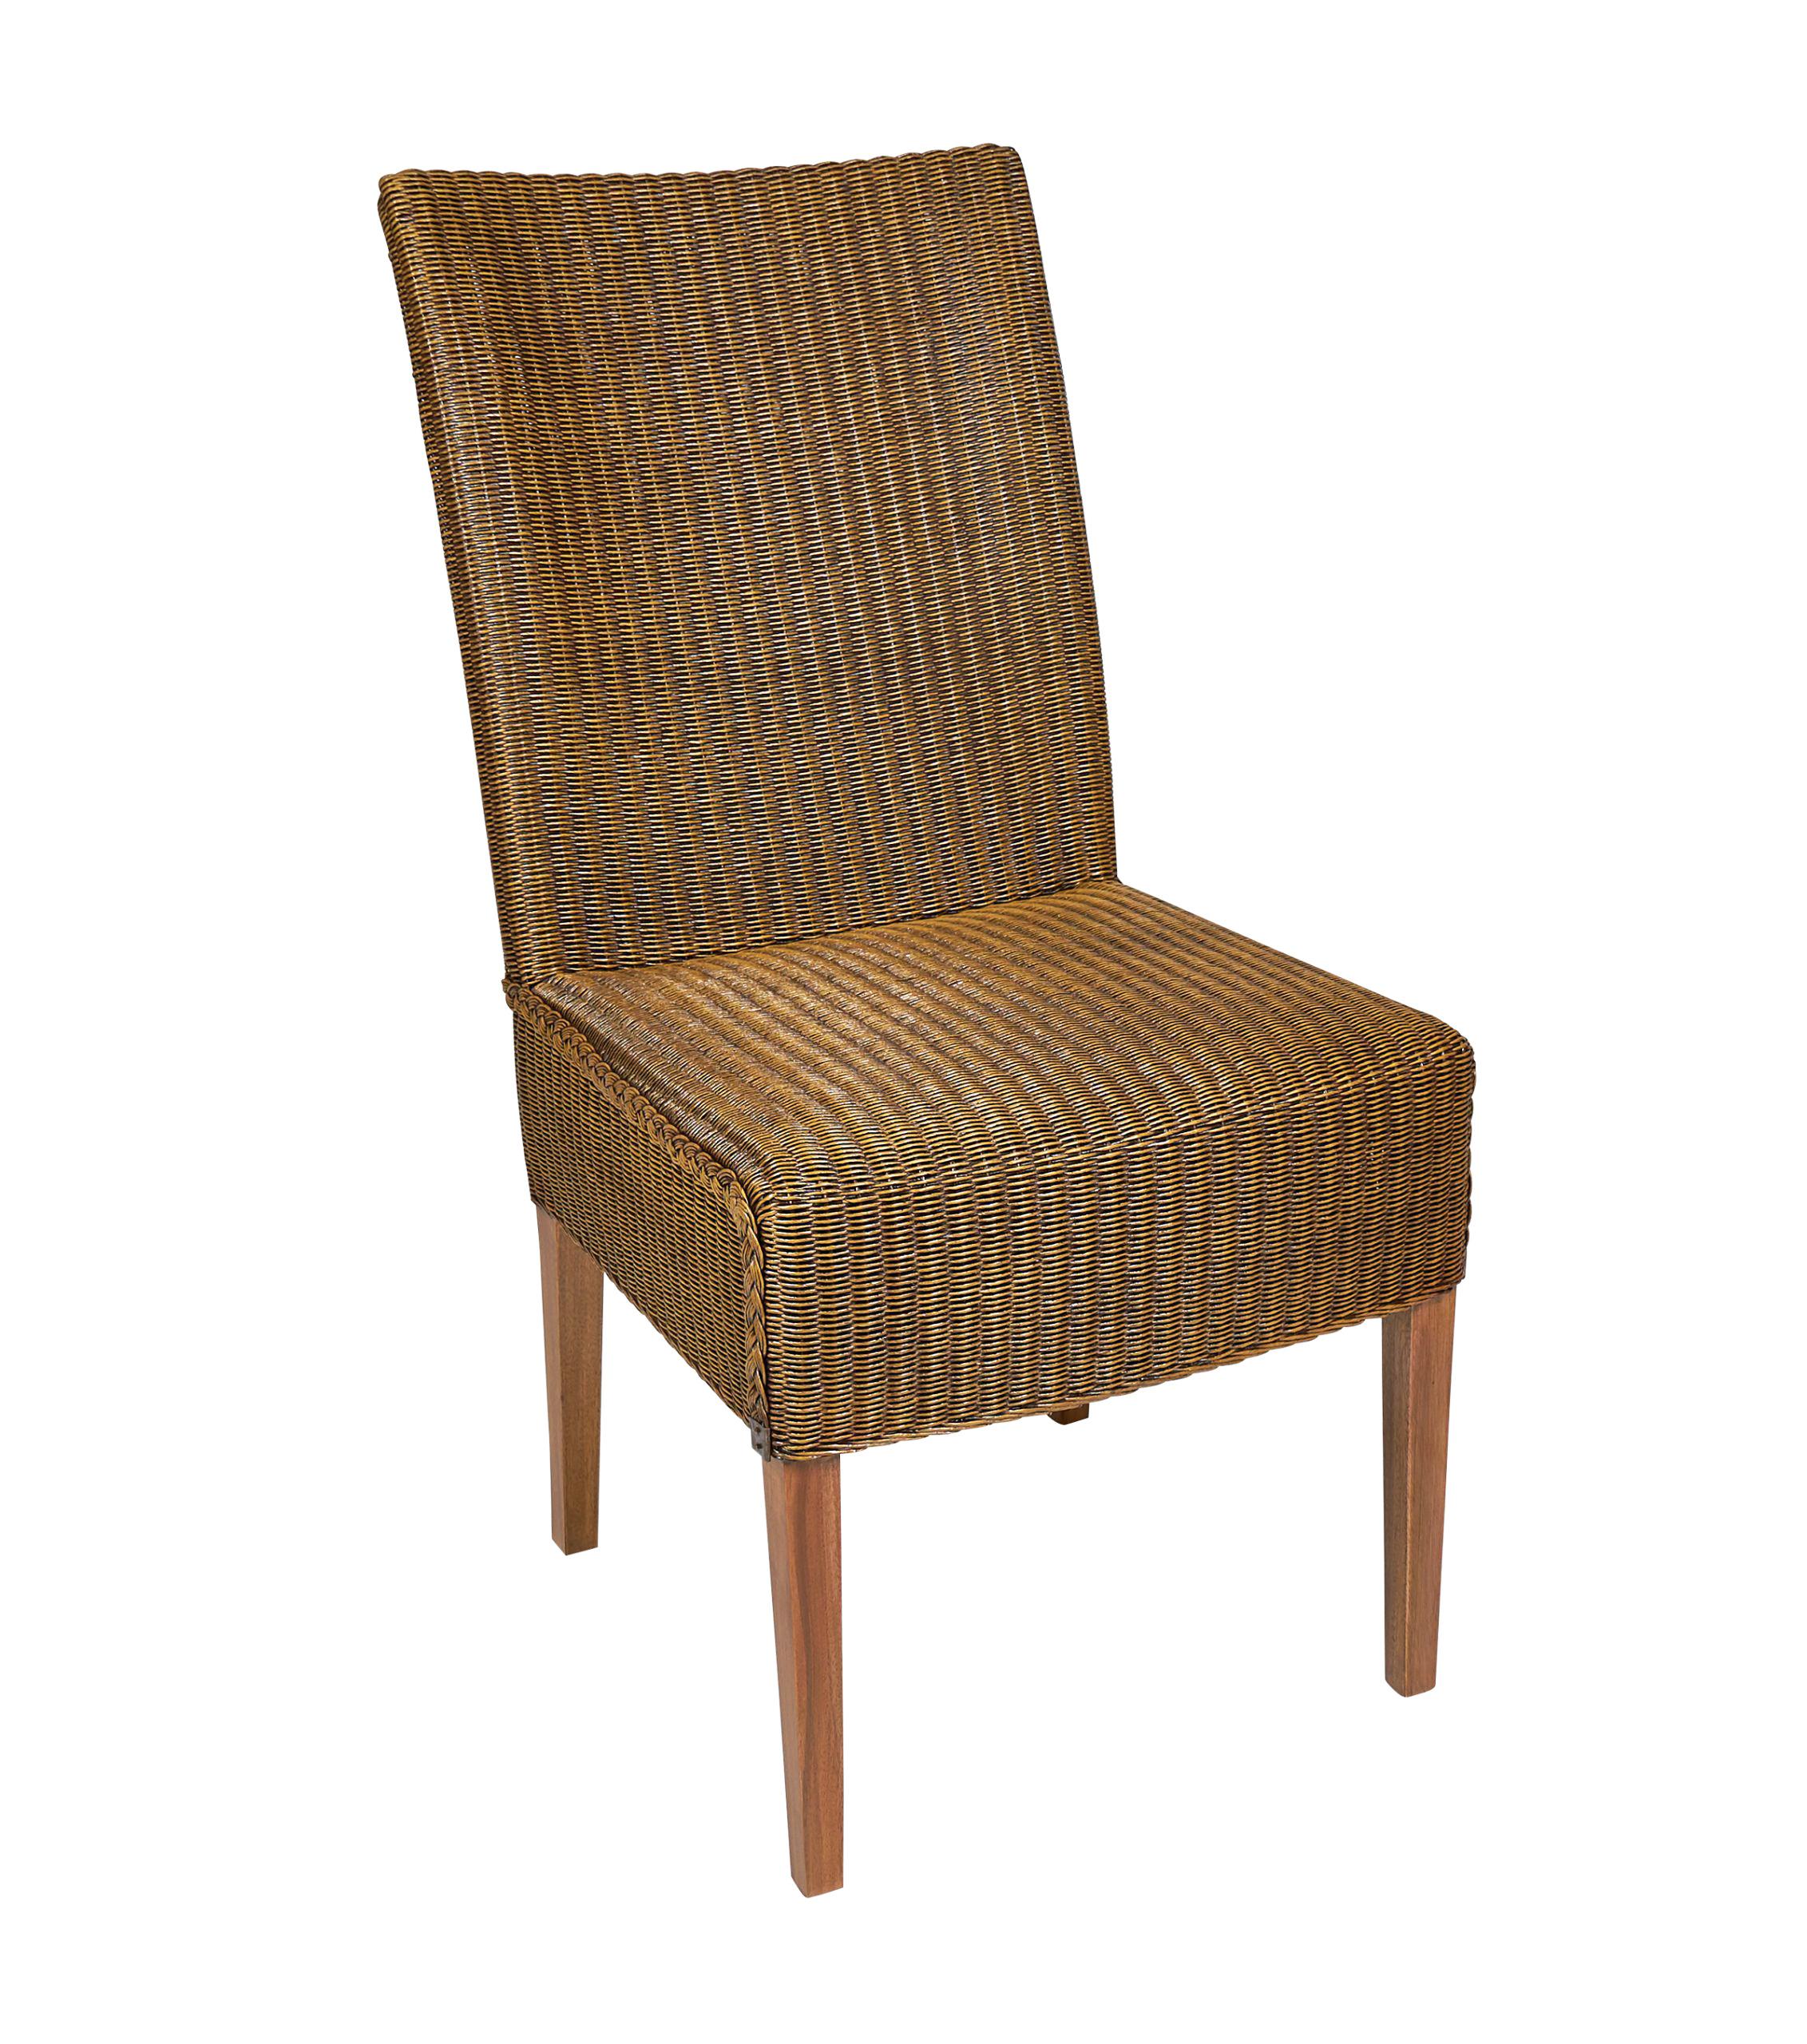 Lloyd loom stoel Classic Caramel